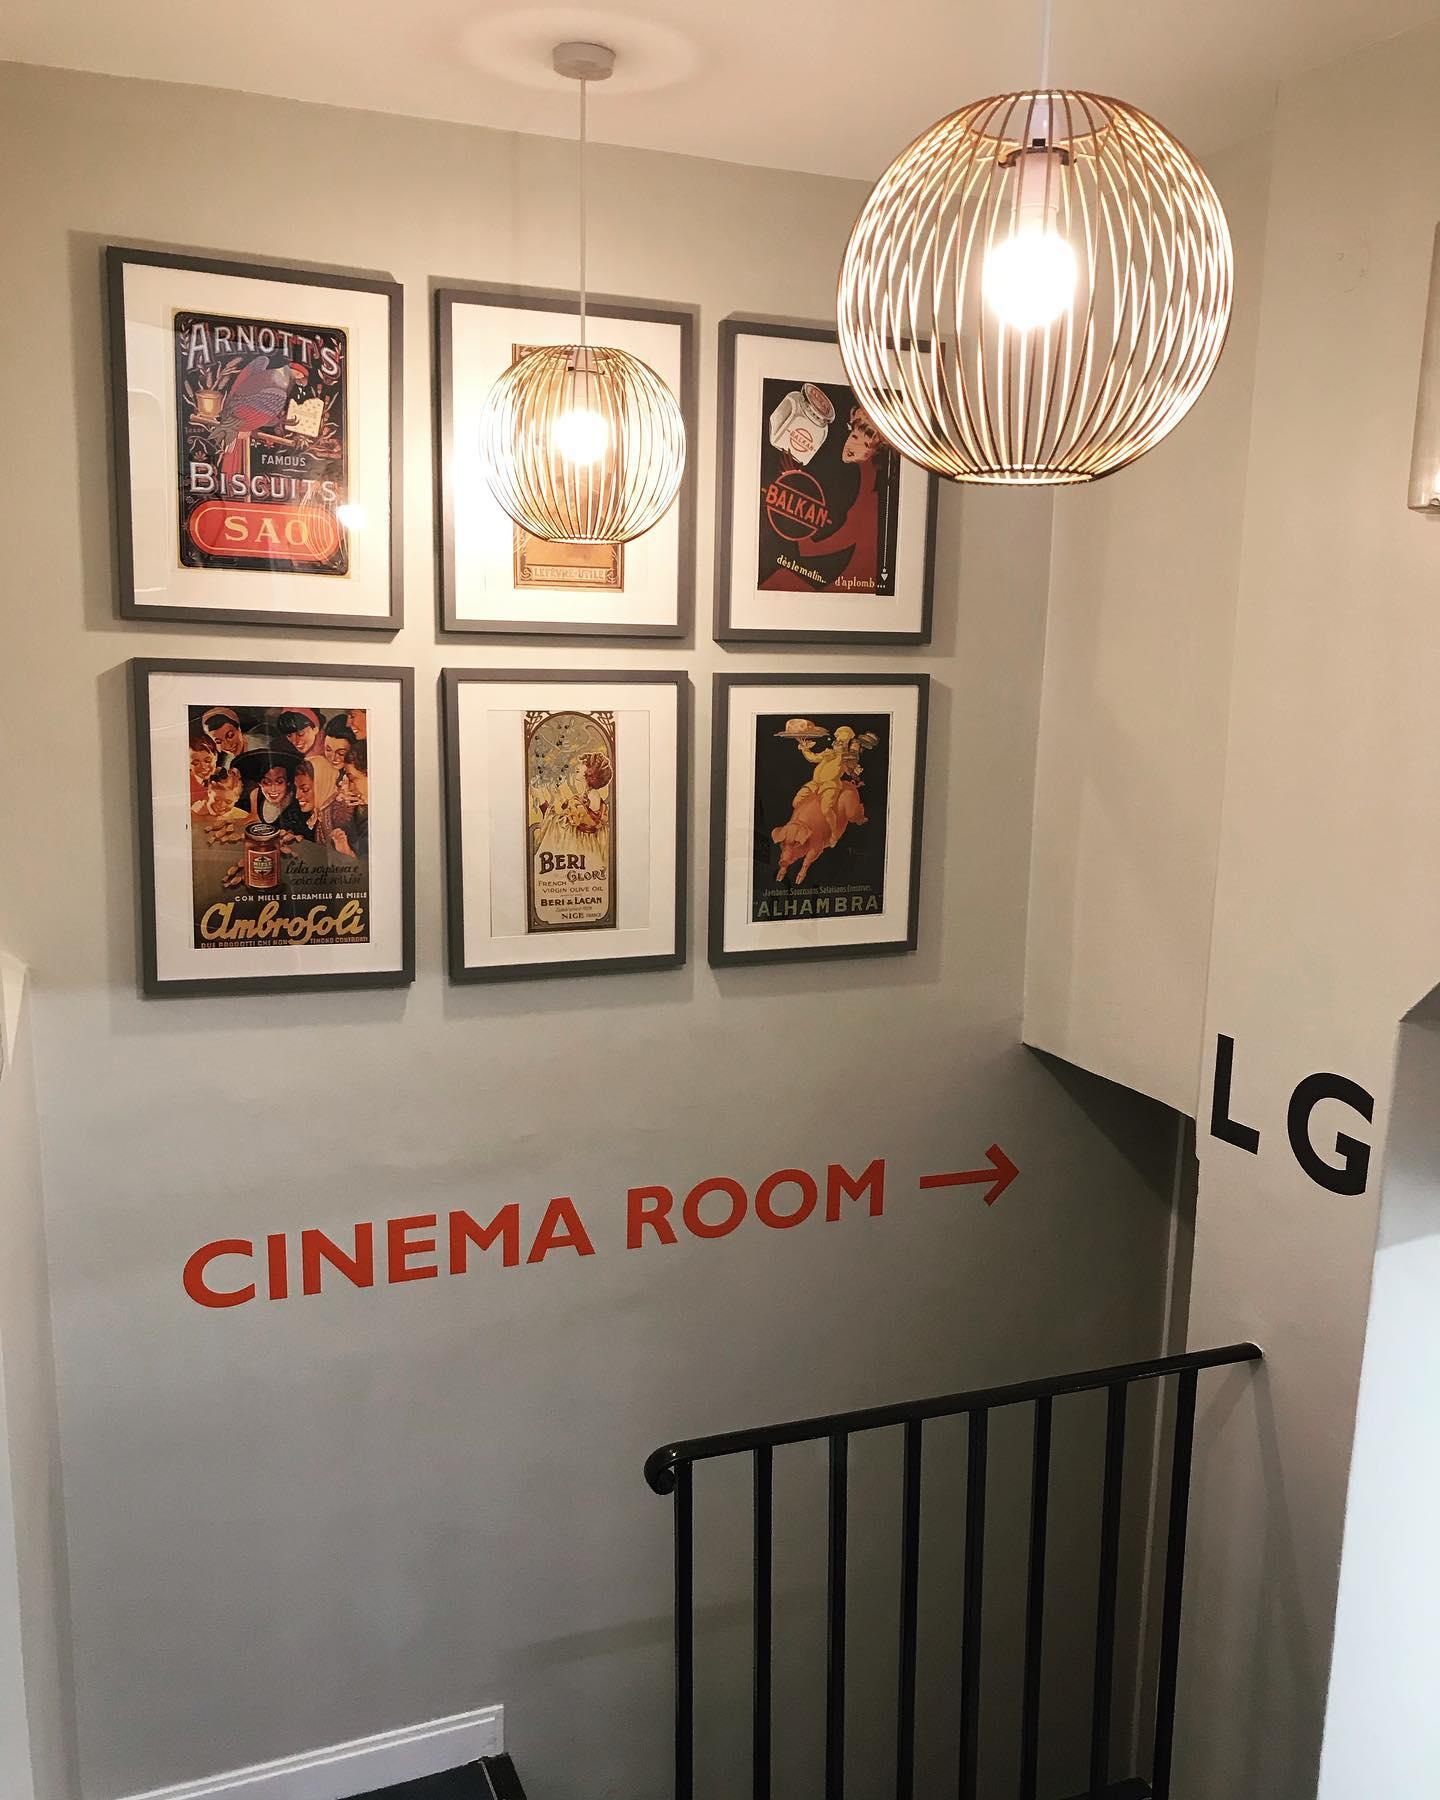 CINEMA ROOM 📽 . . .